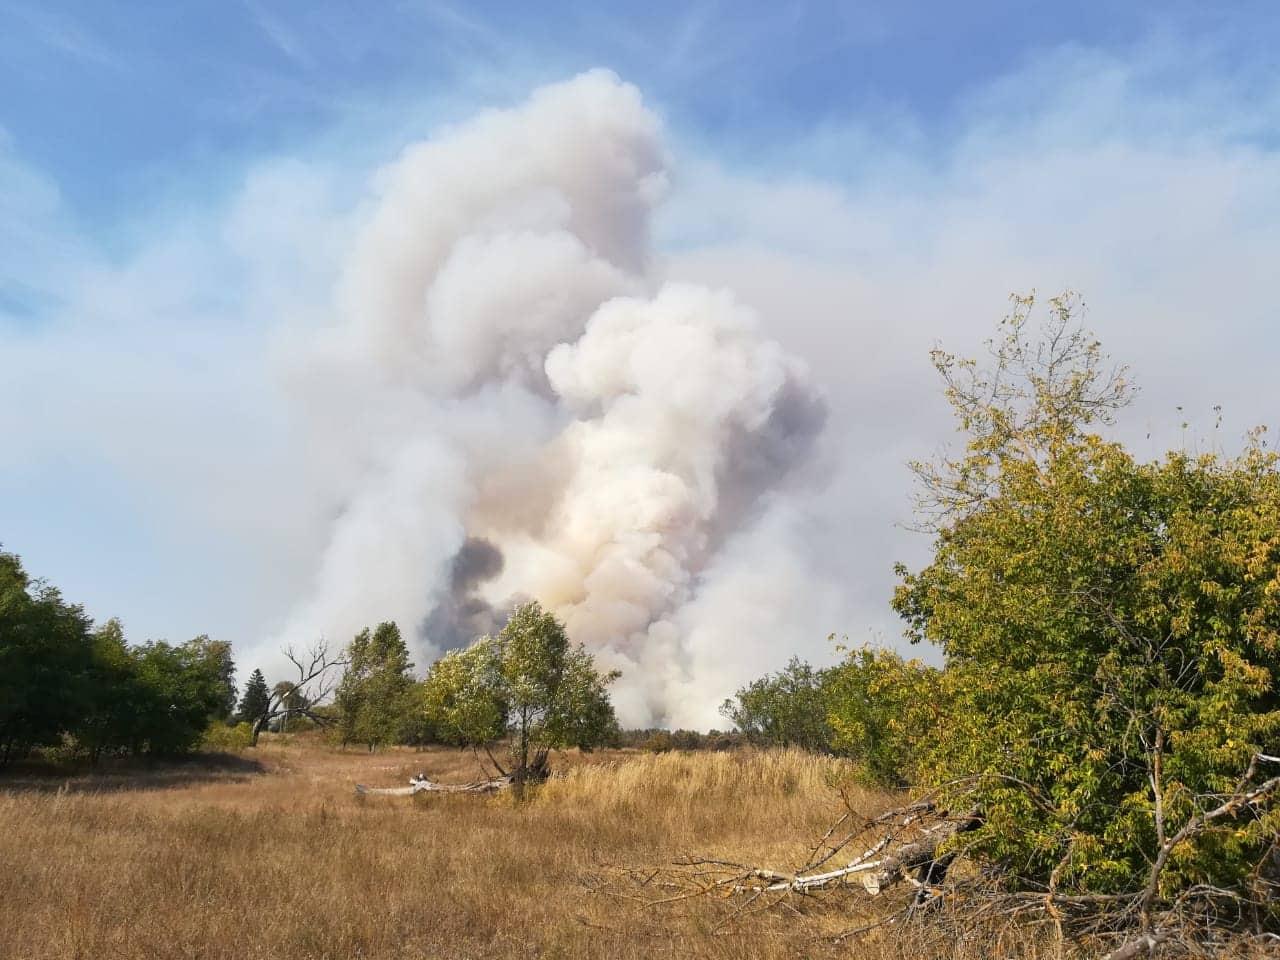 У гасінні лісу в Чорнобильській зоні задіяна авіація -  - 70265491 2341185539478402 562618978946514944 n